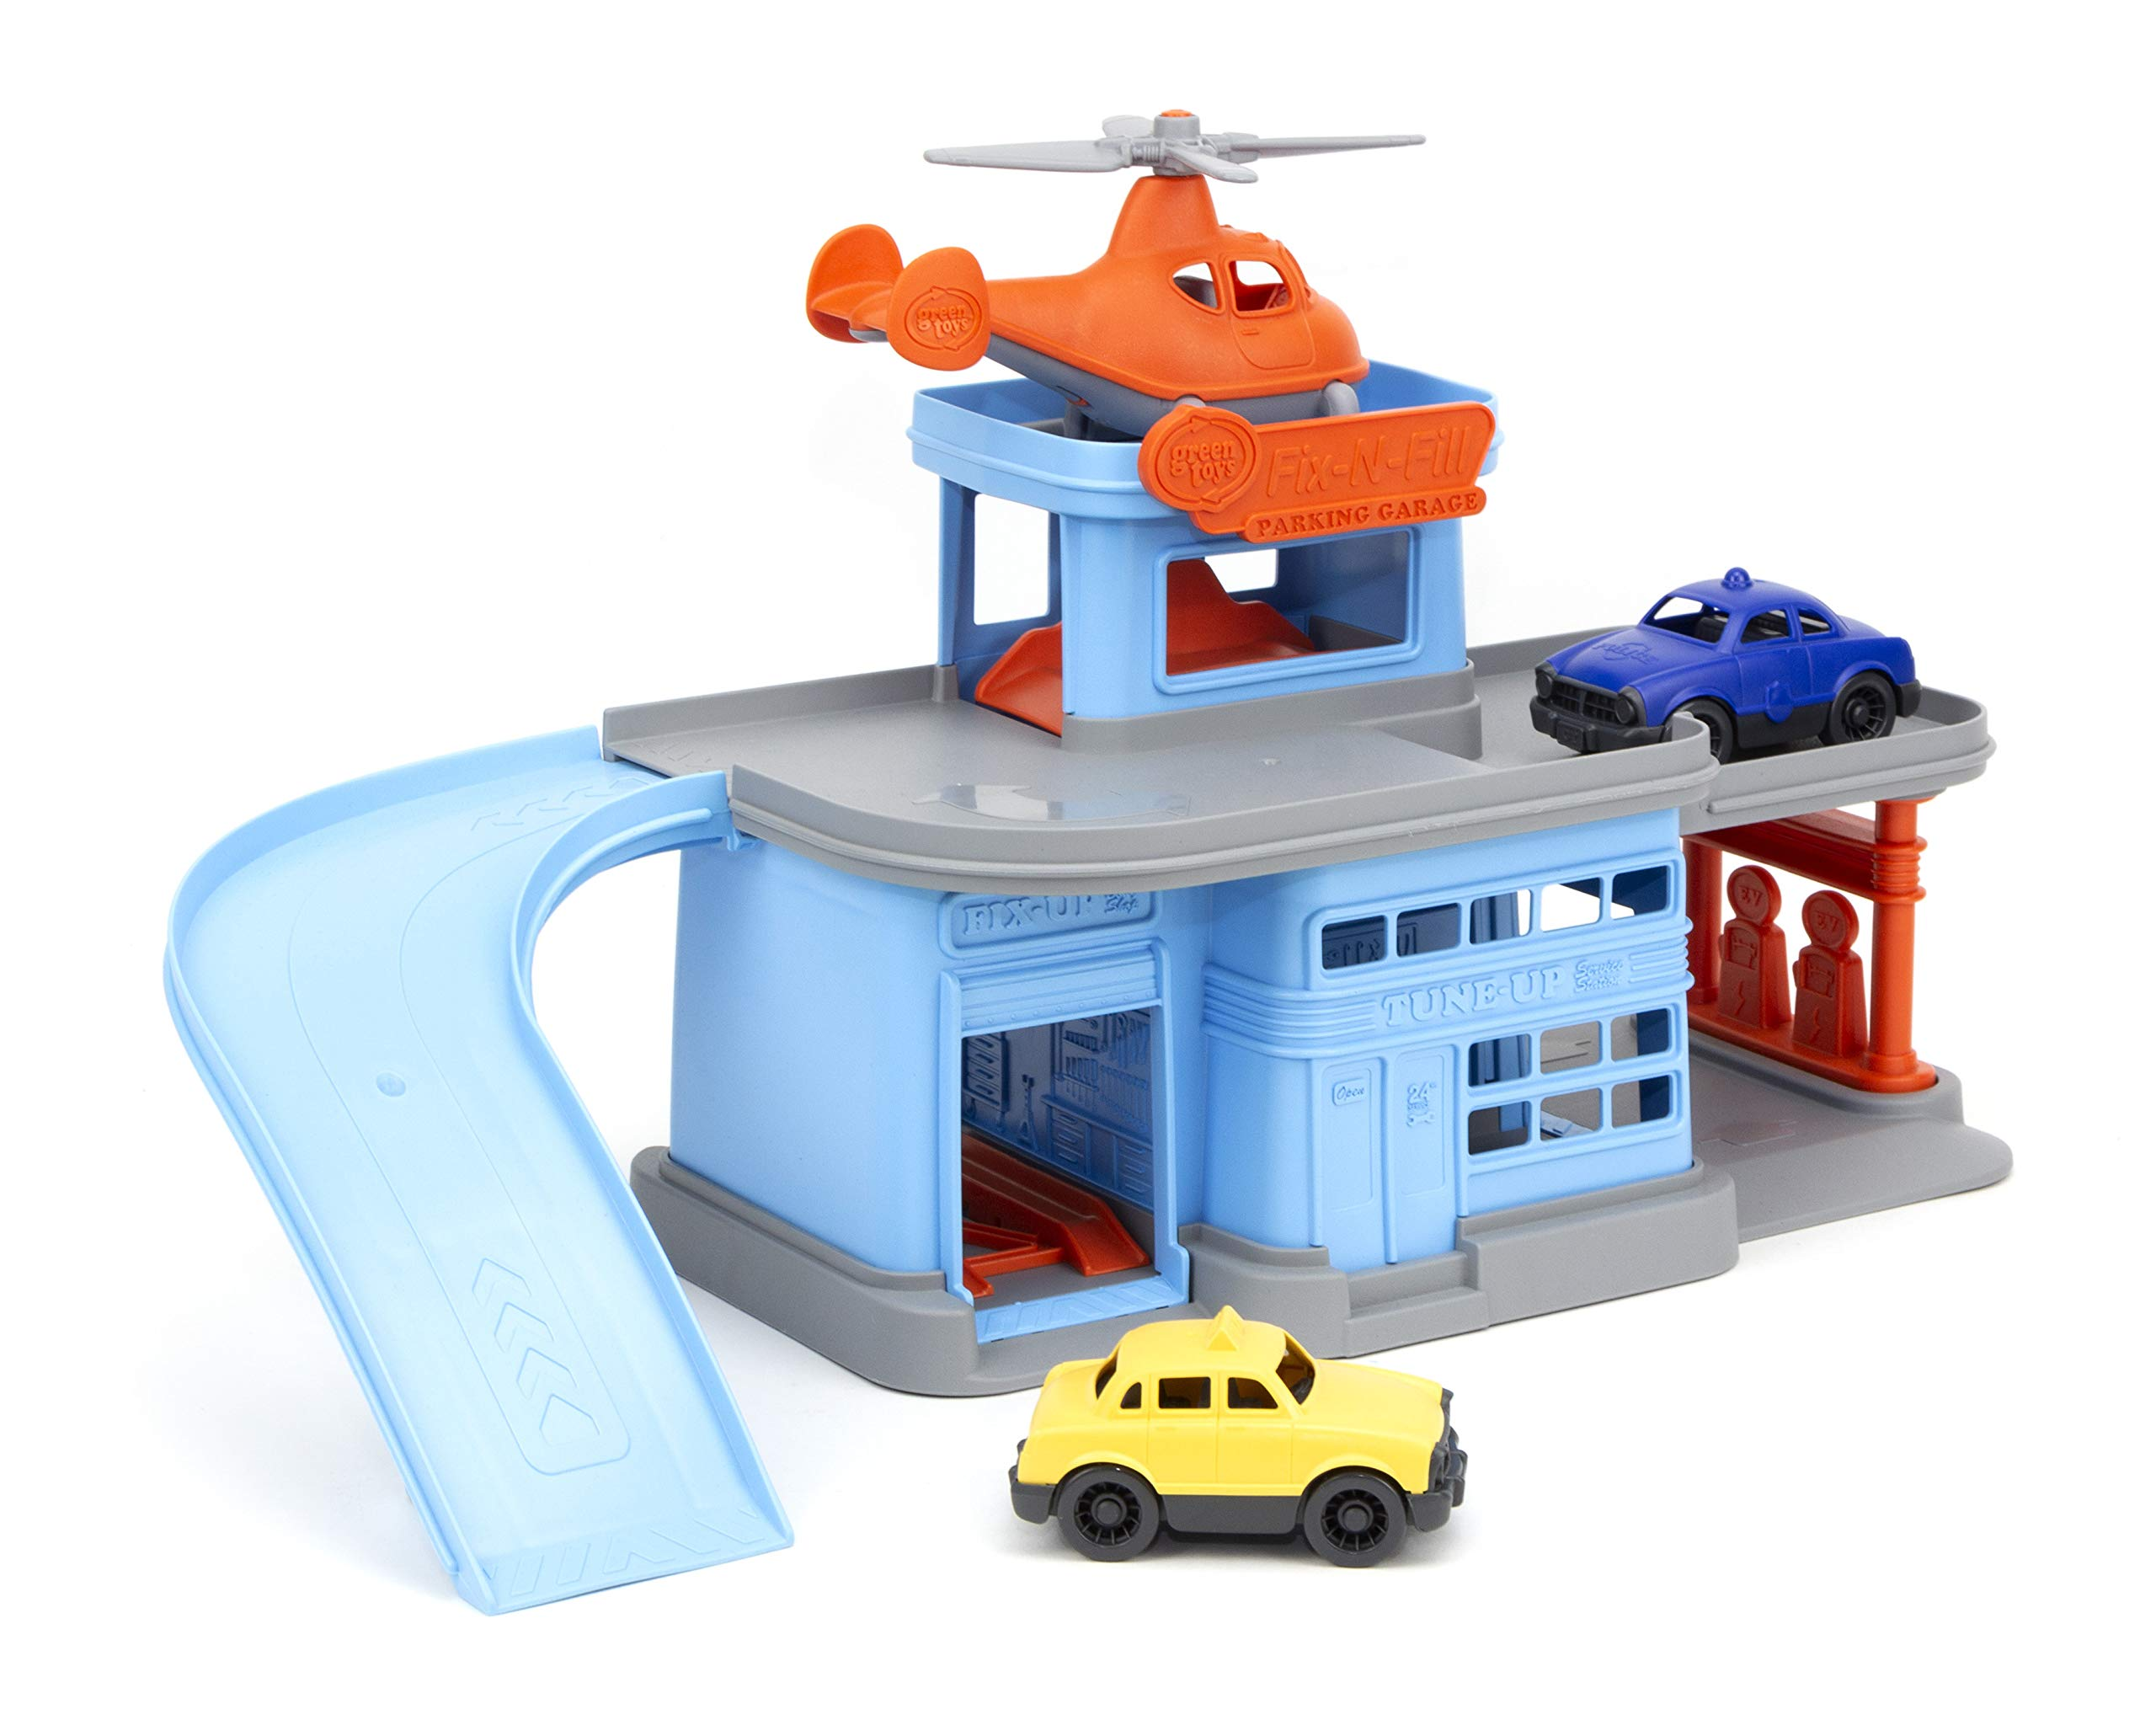 Green Toys Parking Garage